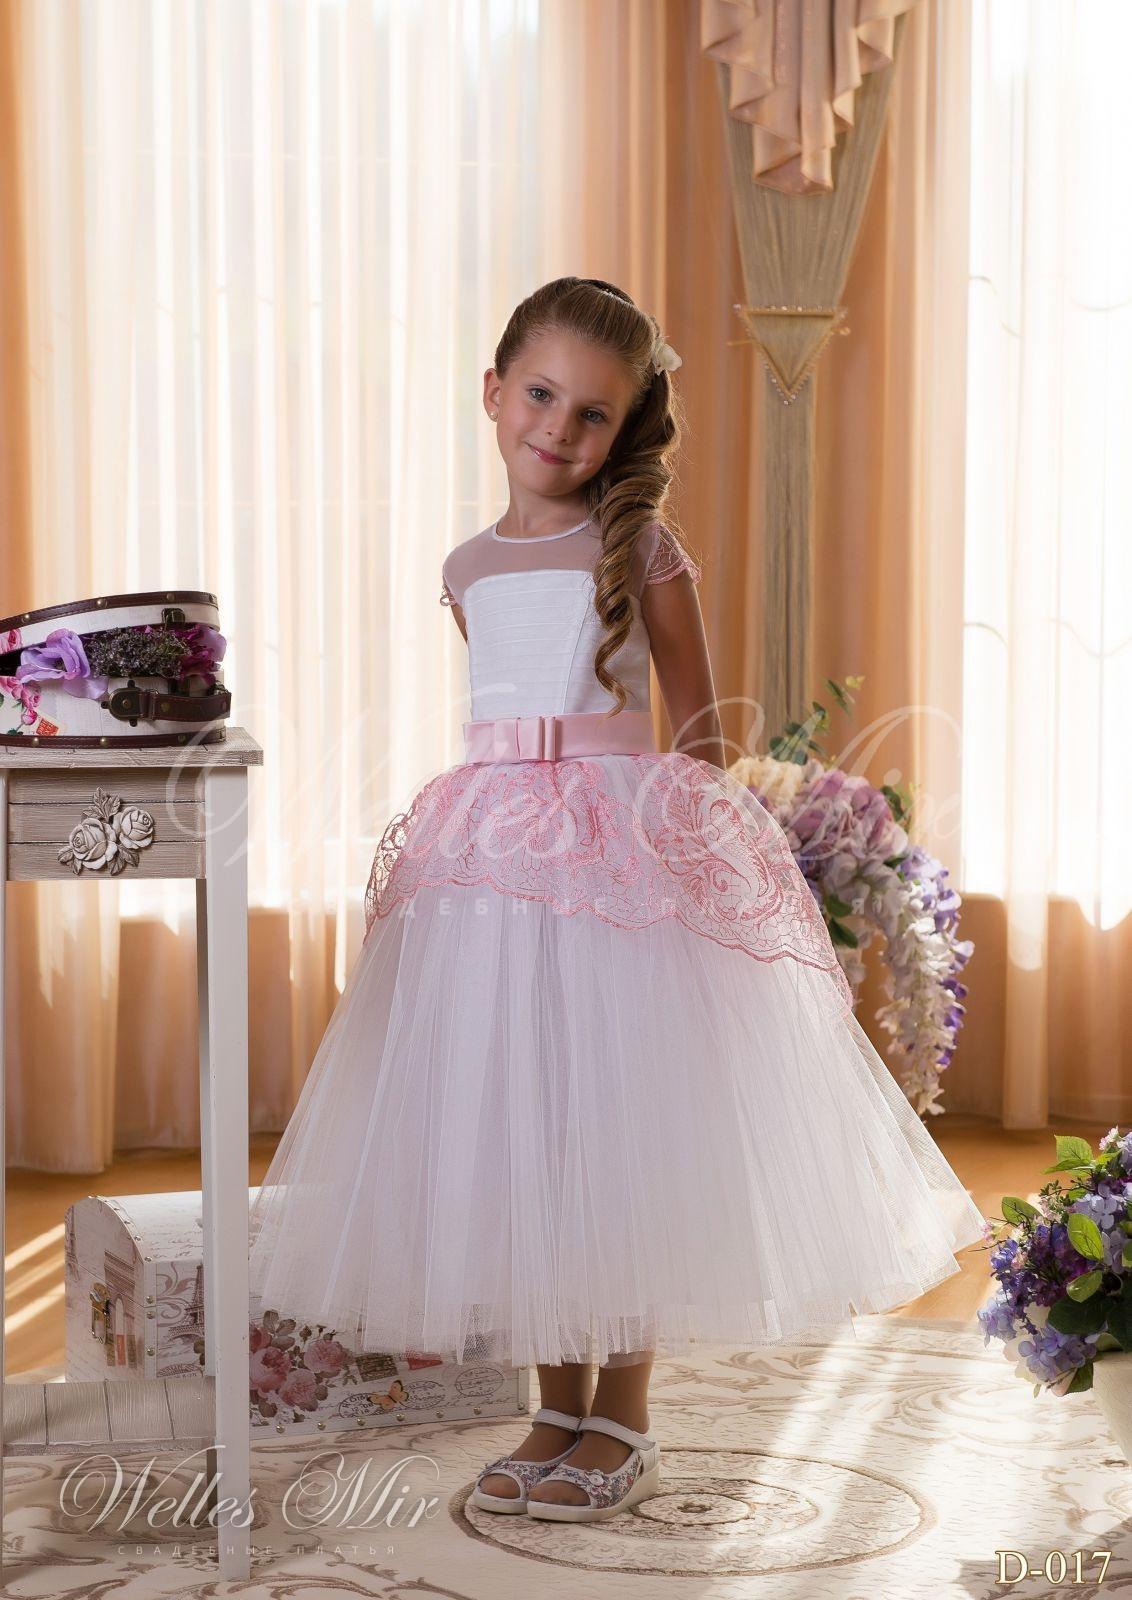 Детские платья Детские платья 2015 - D-017